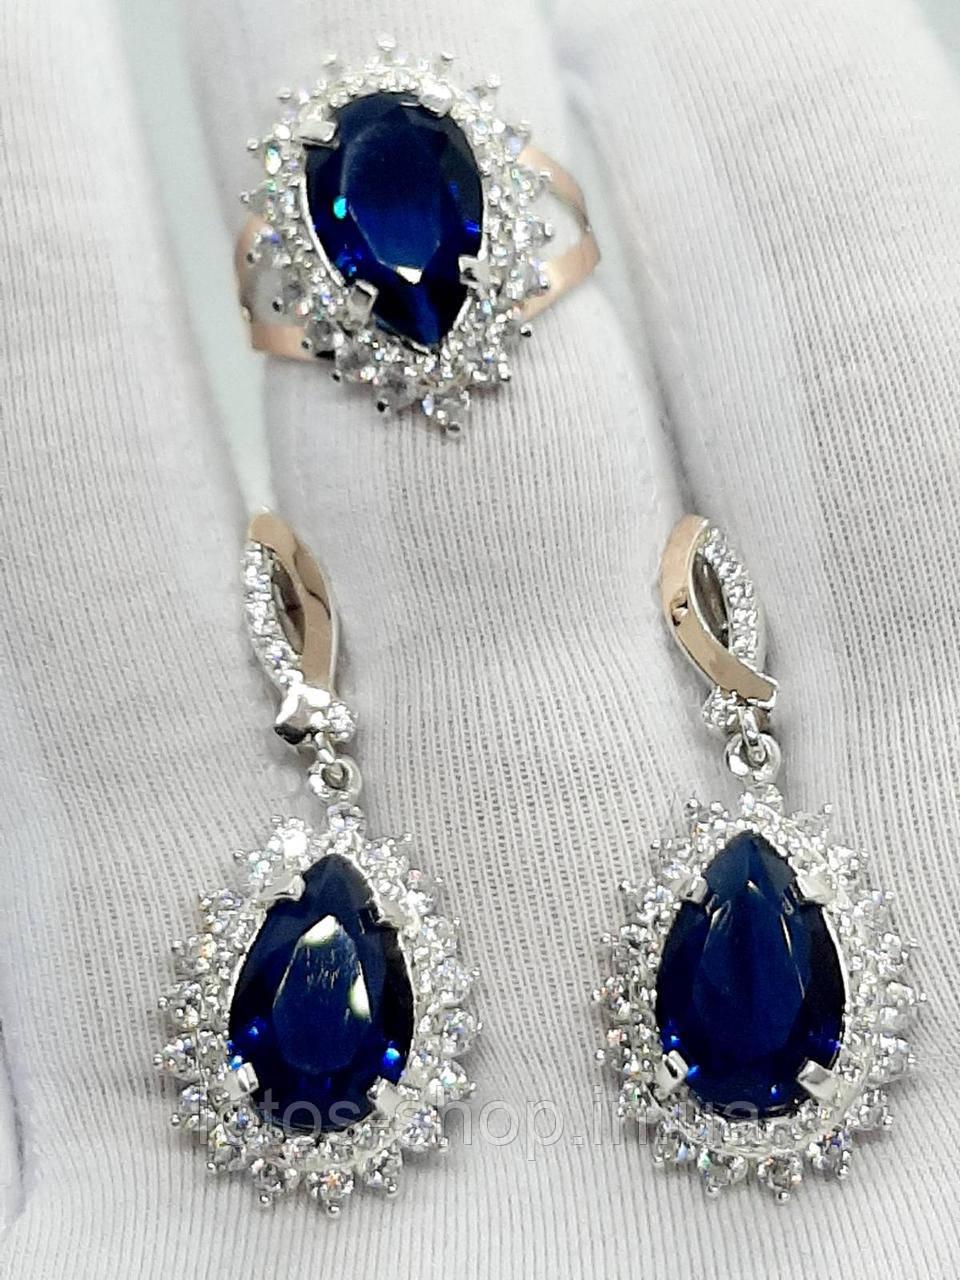 Роксолана сапфир кольцо серьги серебро с золотом